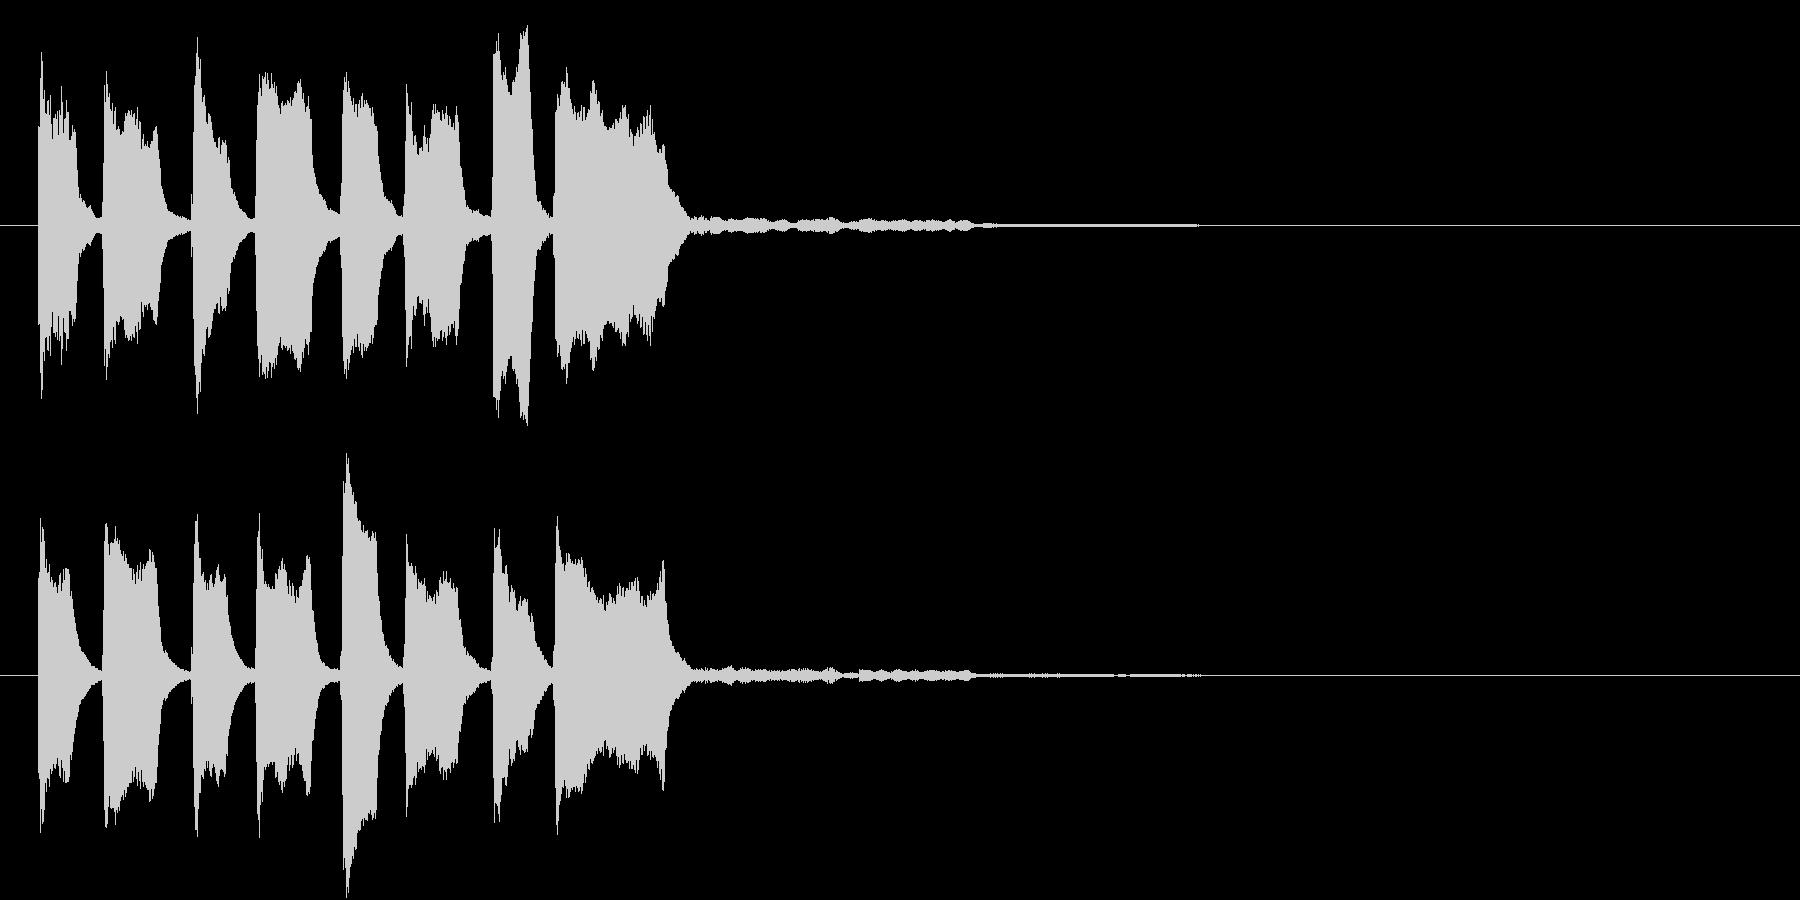 ピコピコピコピコン(クイズ正解)の未再生の波形